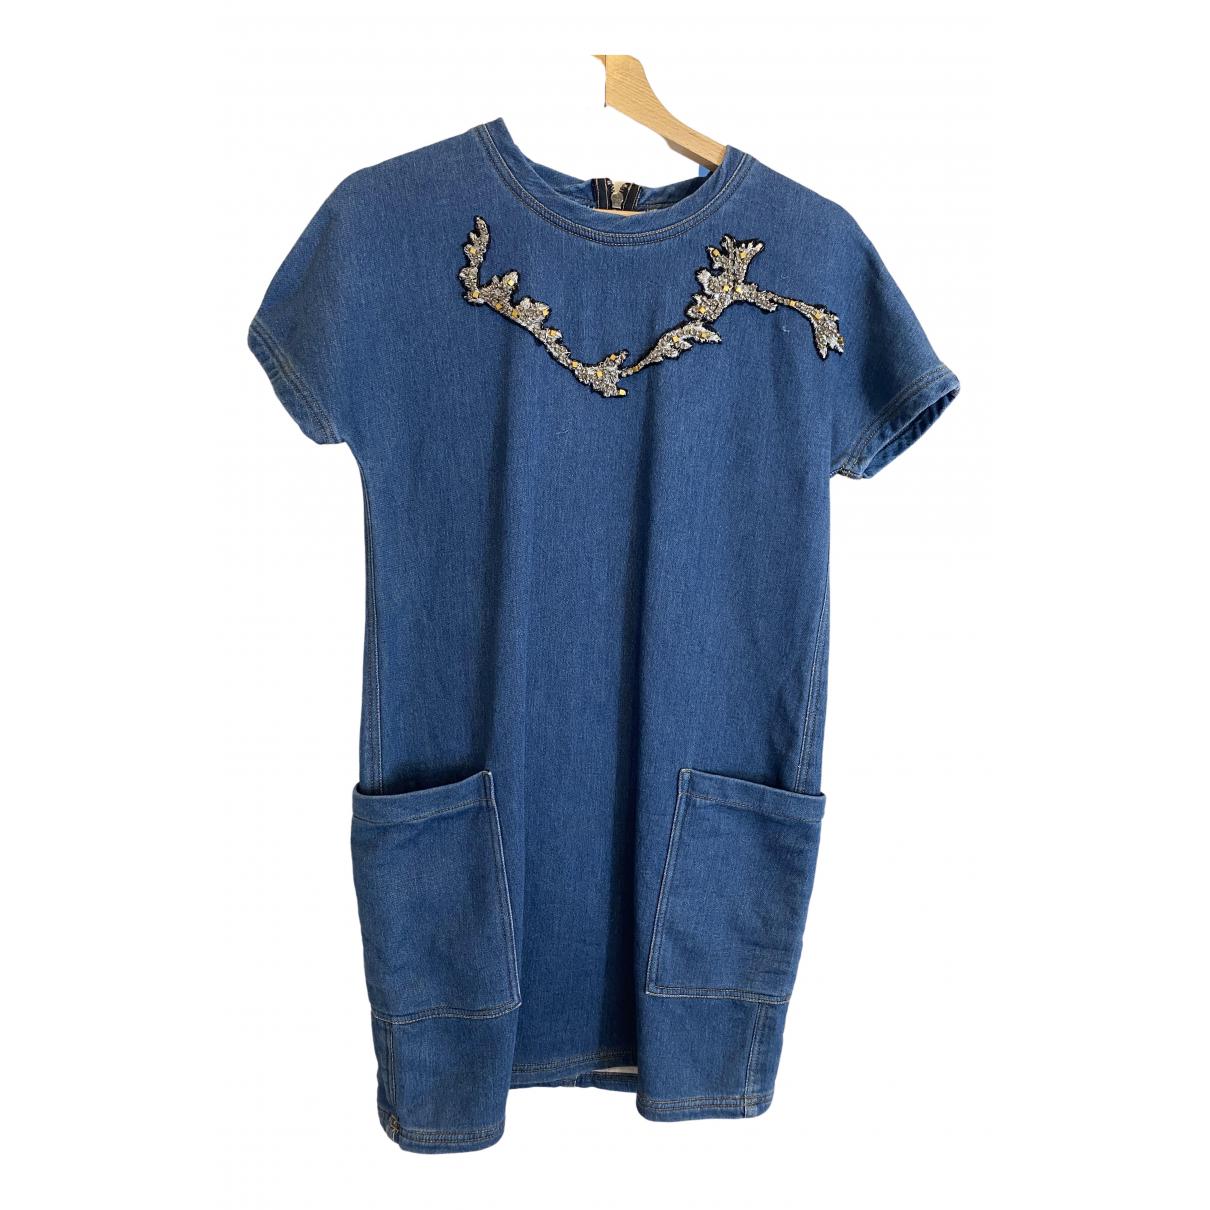 Max & Co \N Kleid in Baumwolle